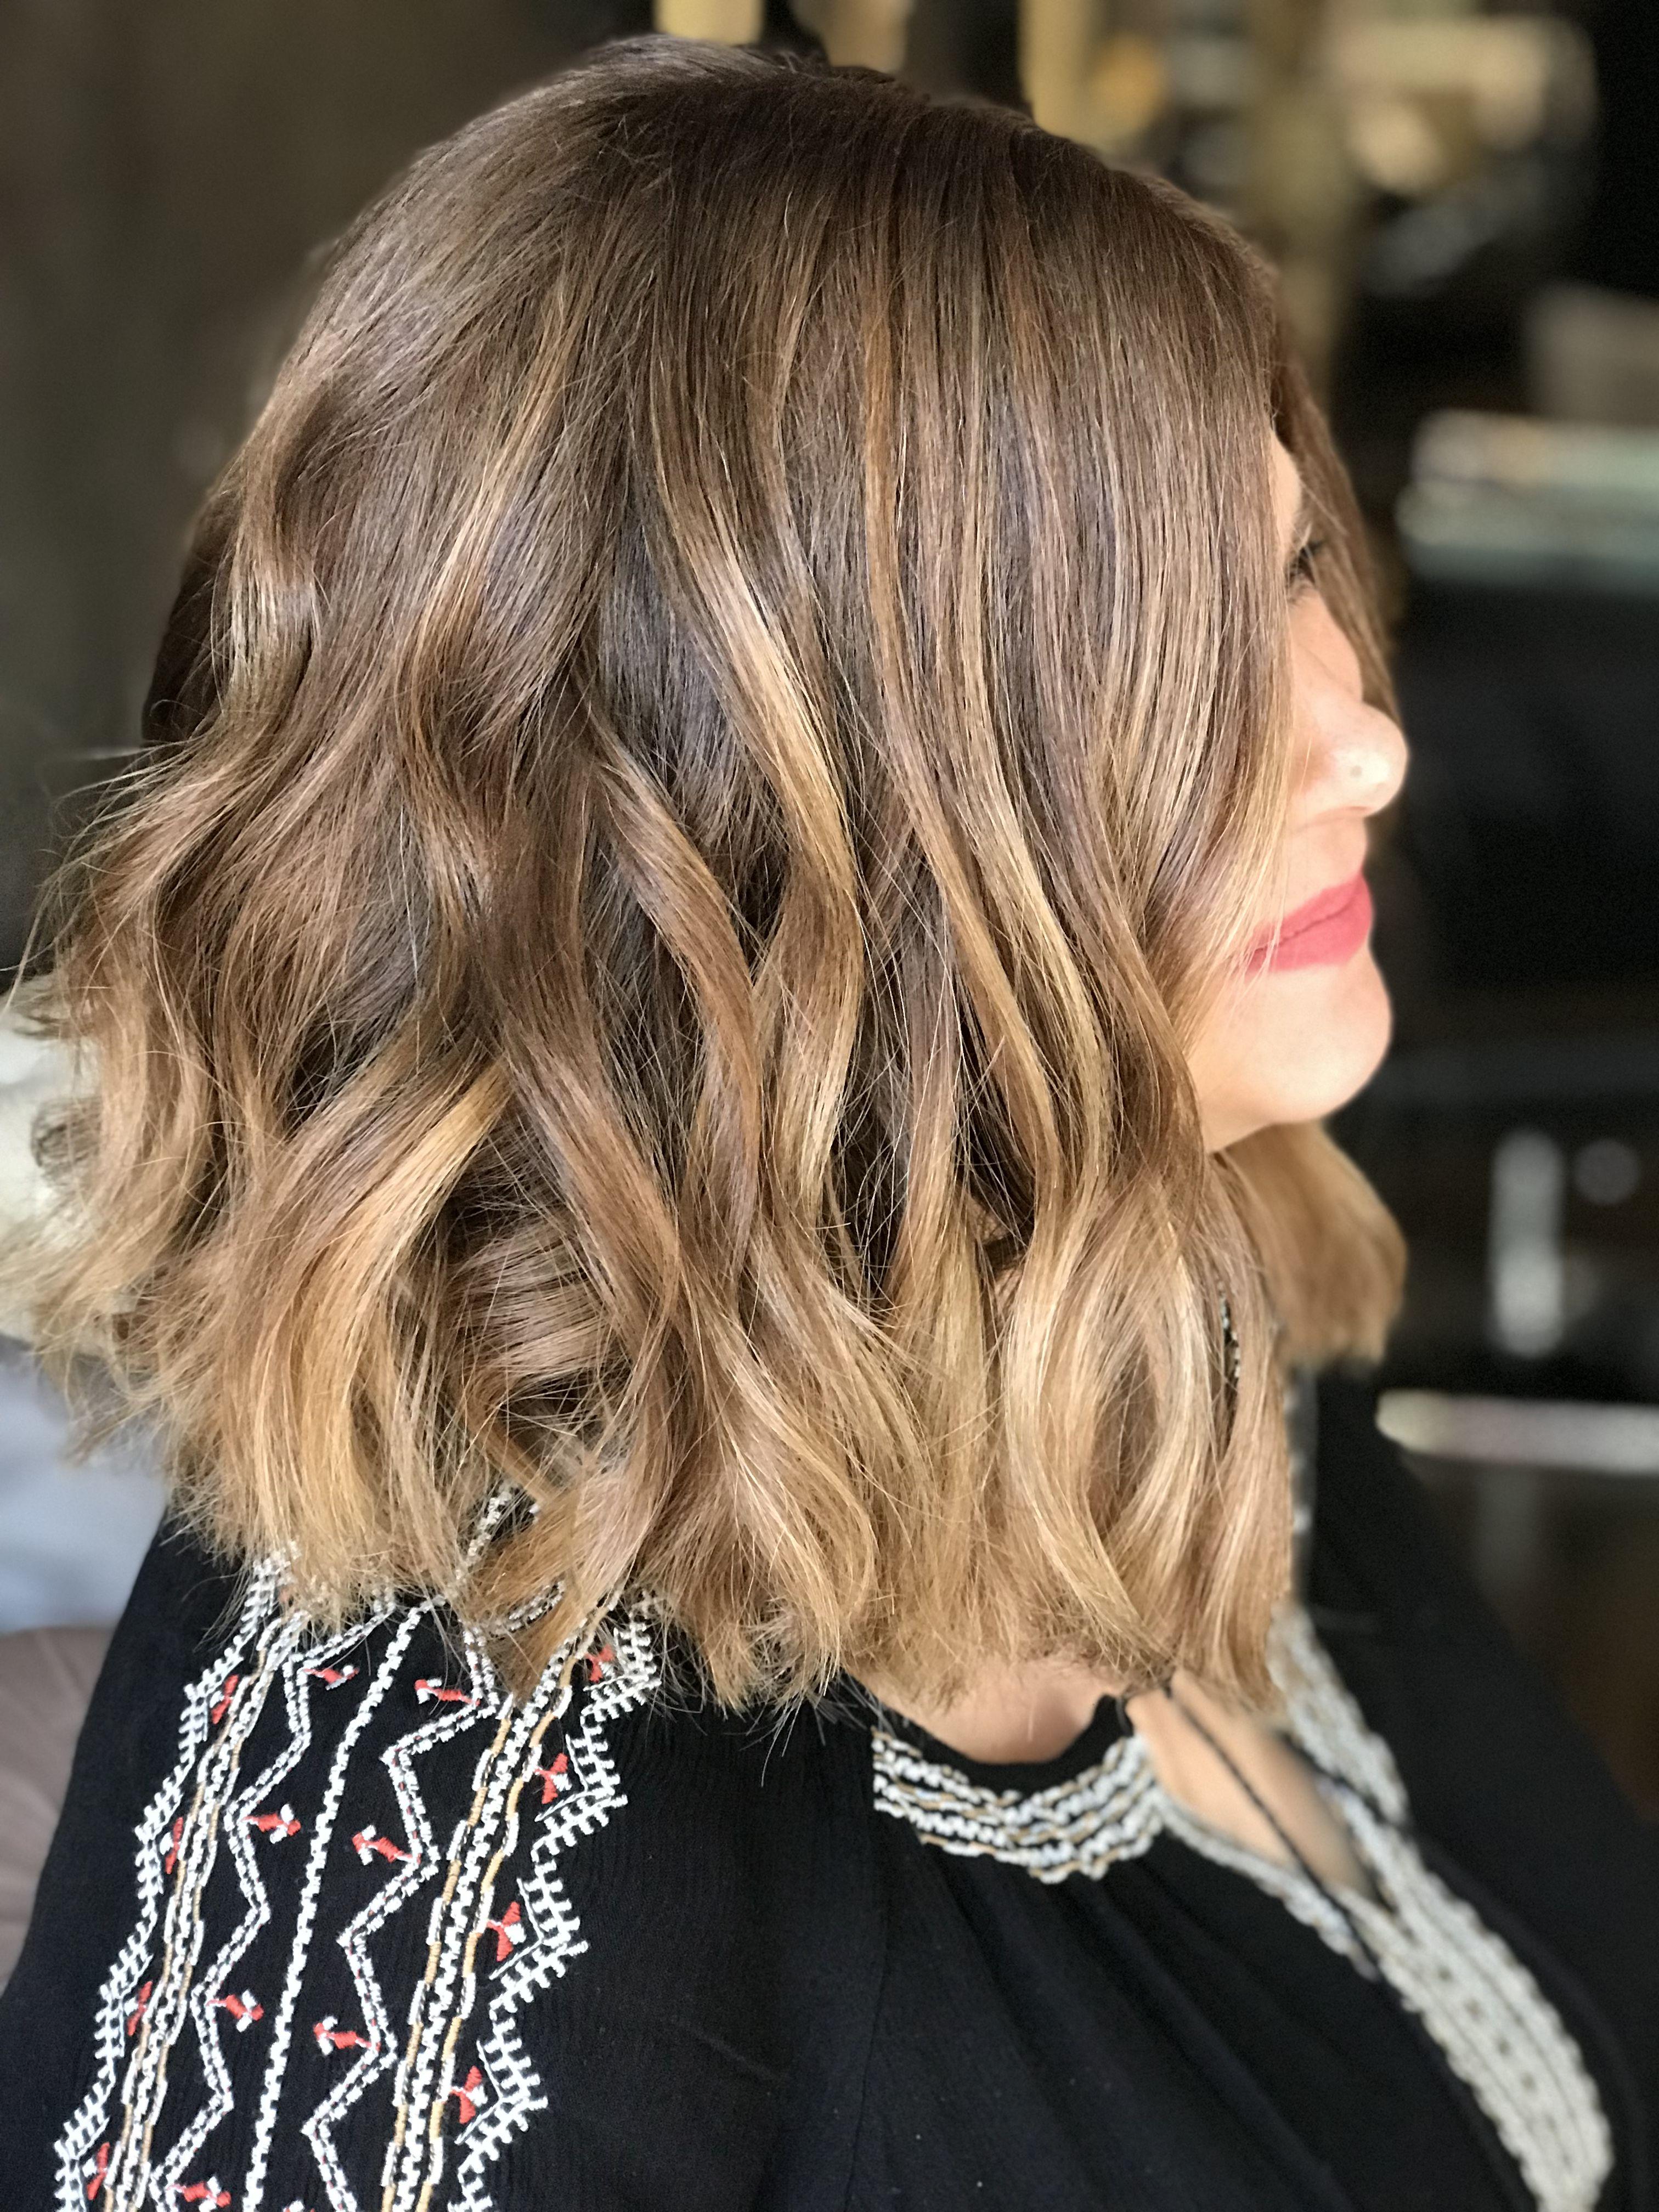 окраска волос балаяж фото на средние волосы уже школе, она